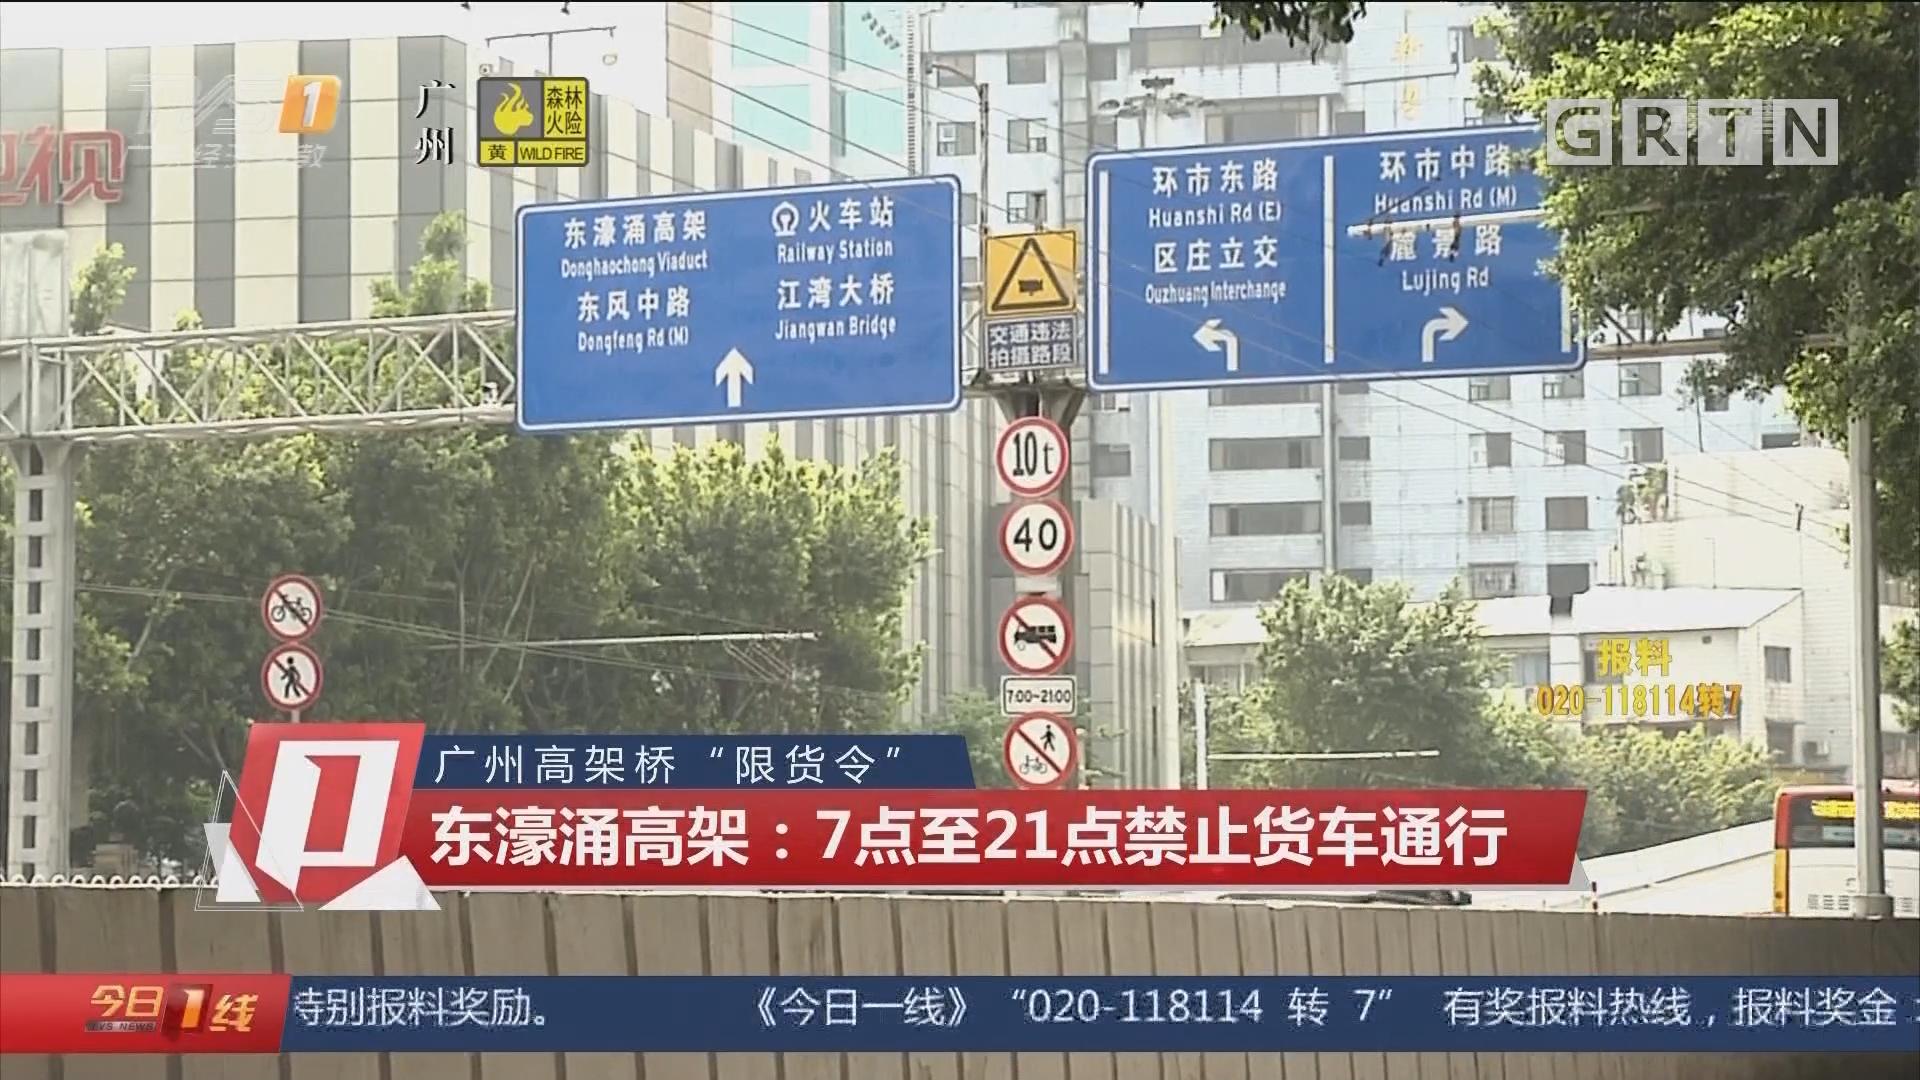 """广州高架桥""""限货令"""" 东濠涌高架:7点至21点禁止货车通行"""